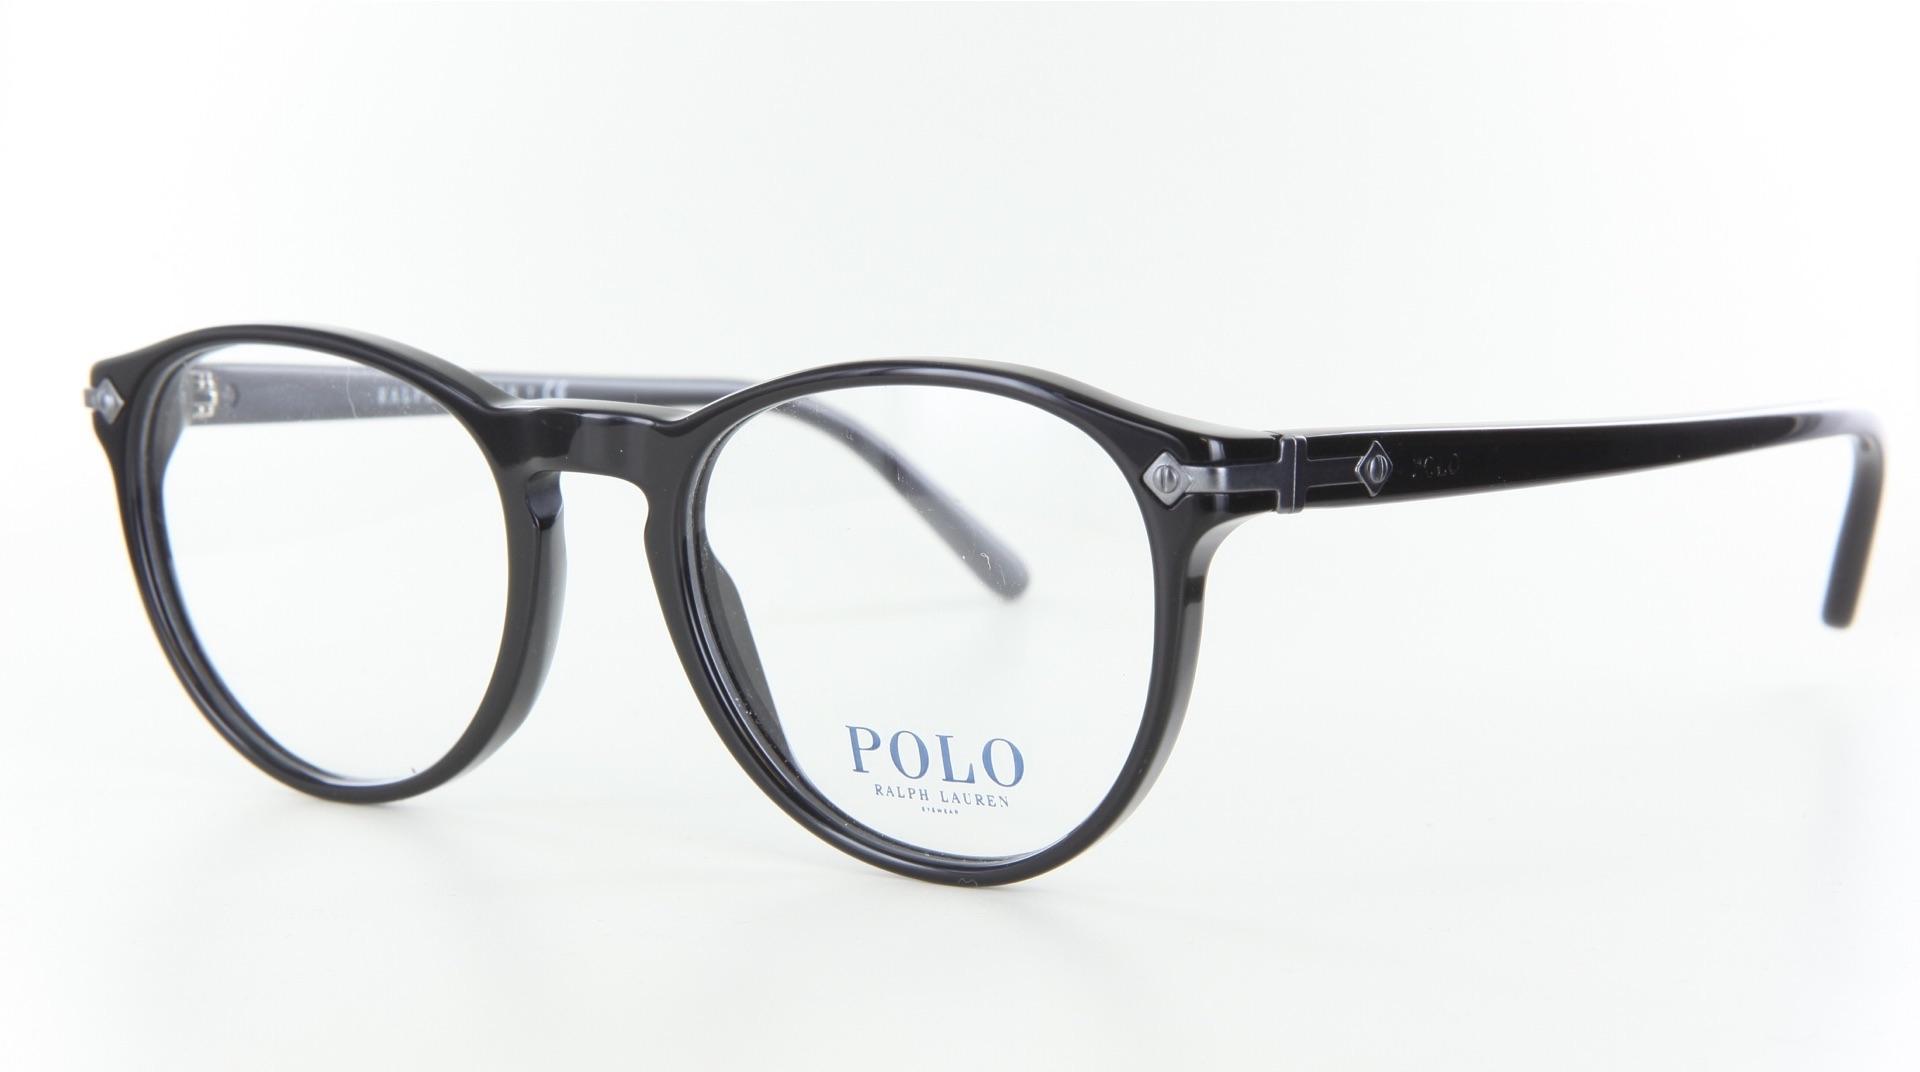 Polo Ralph Lauren - ref: 74310